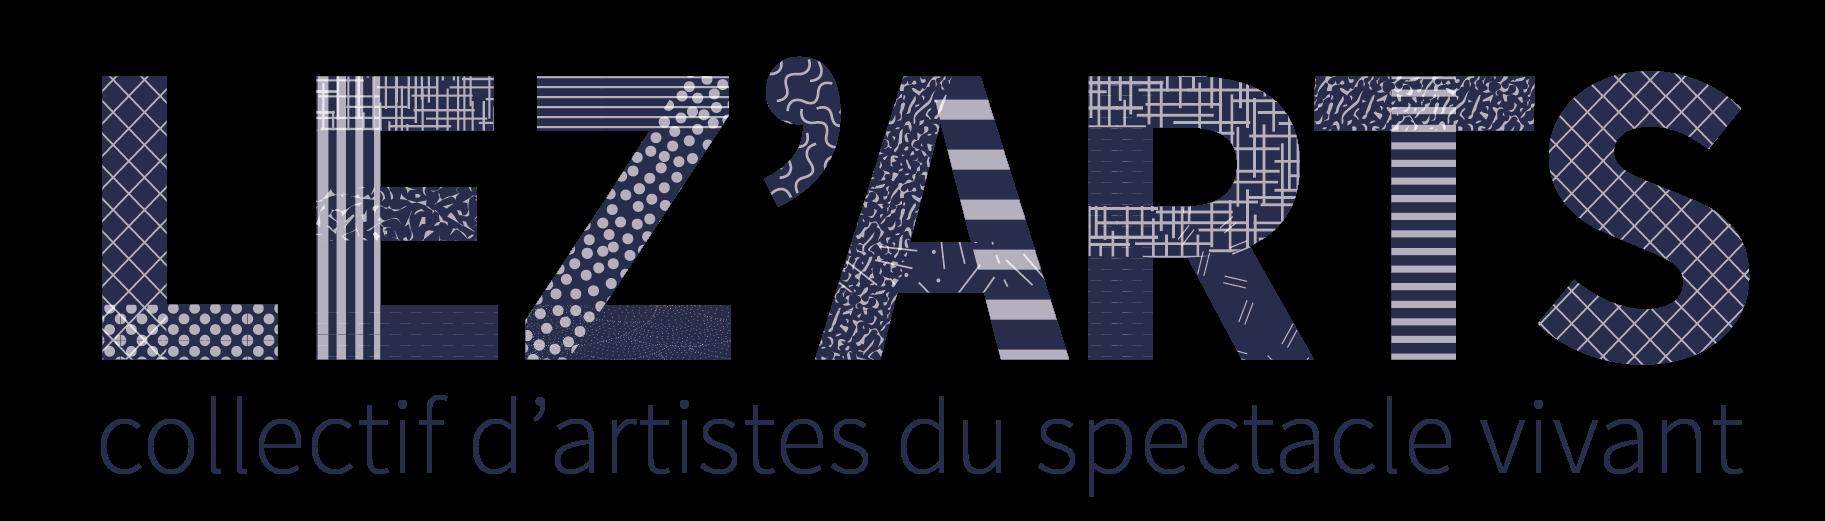 cropped-logo-bleu-fonce-01.png